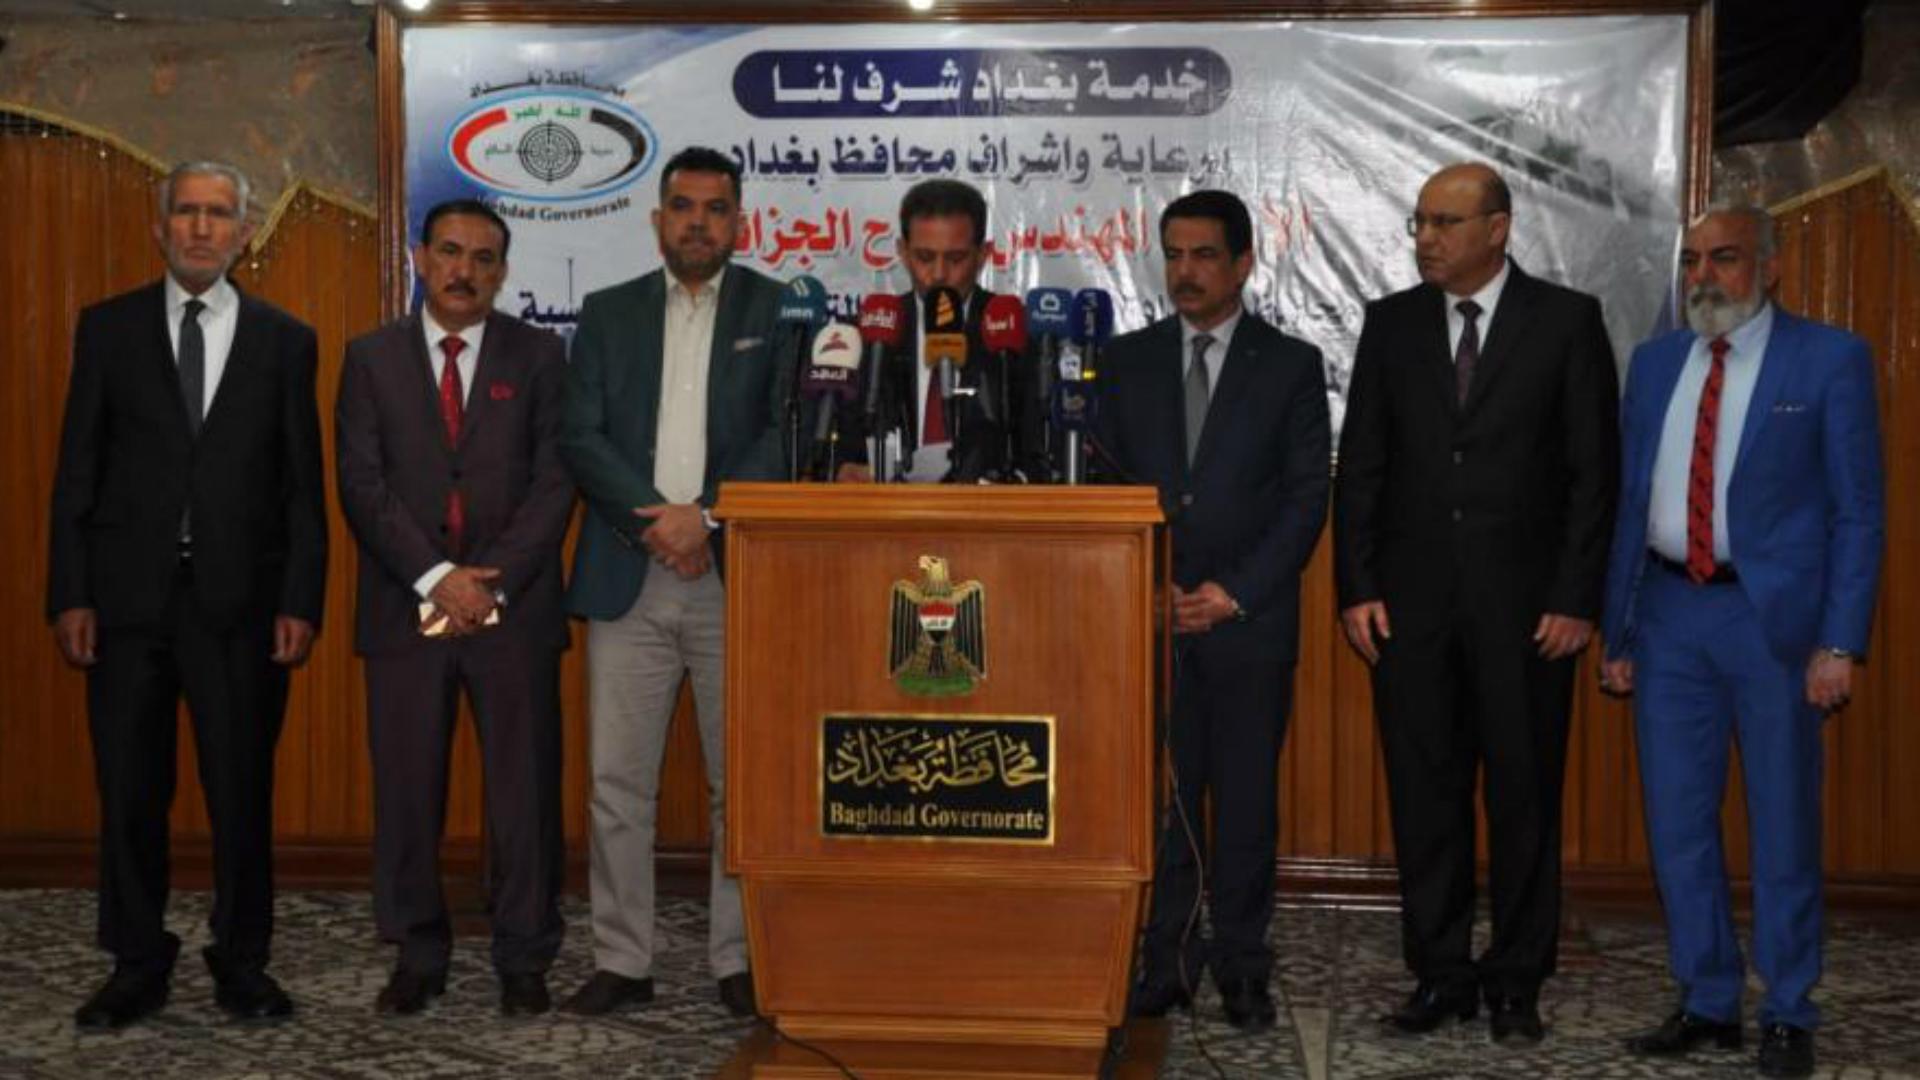 انطلاق حملة في بغداد لبناء 160 مدرسة وتأهيل مئات المراحل المدرسية